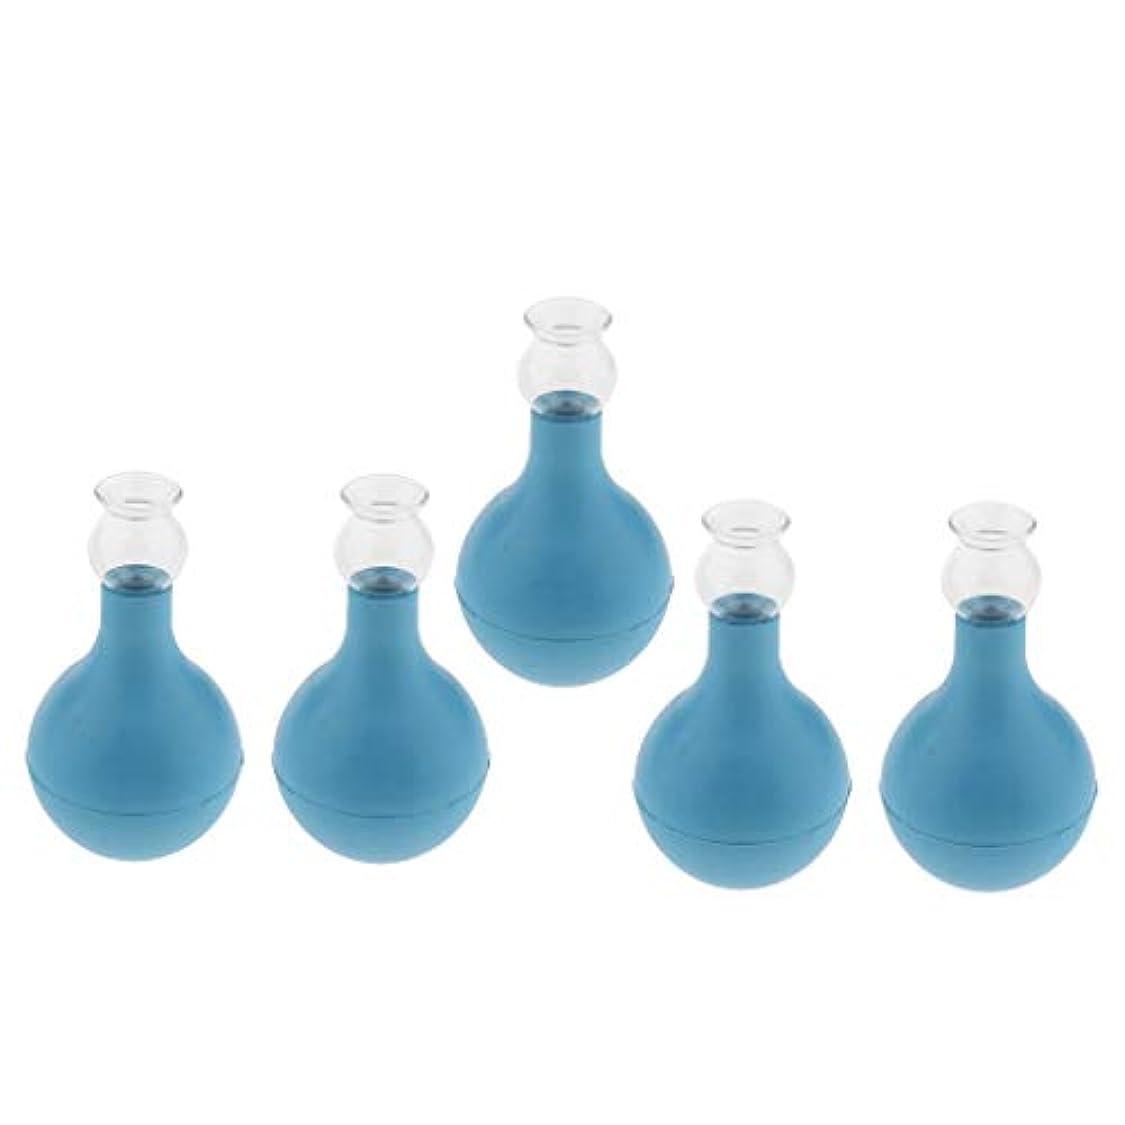 公描写式シリコン ガラス カッピング 吸い玉 5個入り 顔 首 全身用 マッサージ 吸着力 2サイズ選ぶ - ブルー+ブルー2cm, 2cm